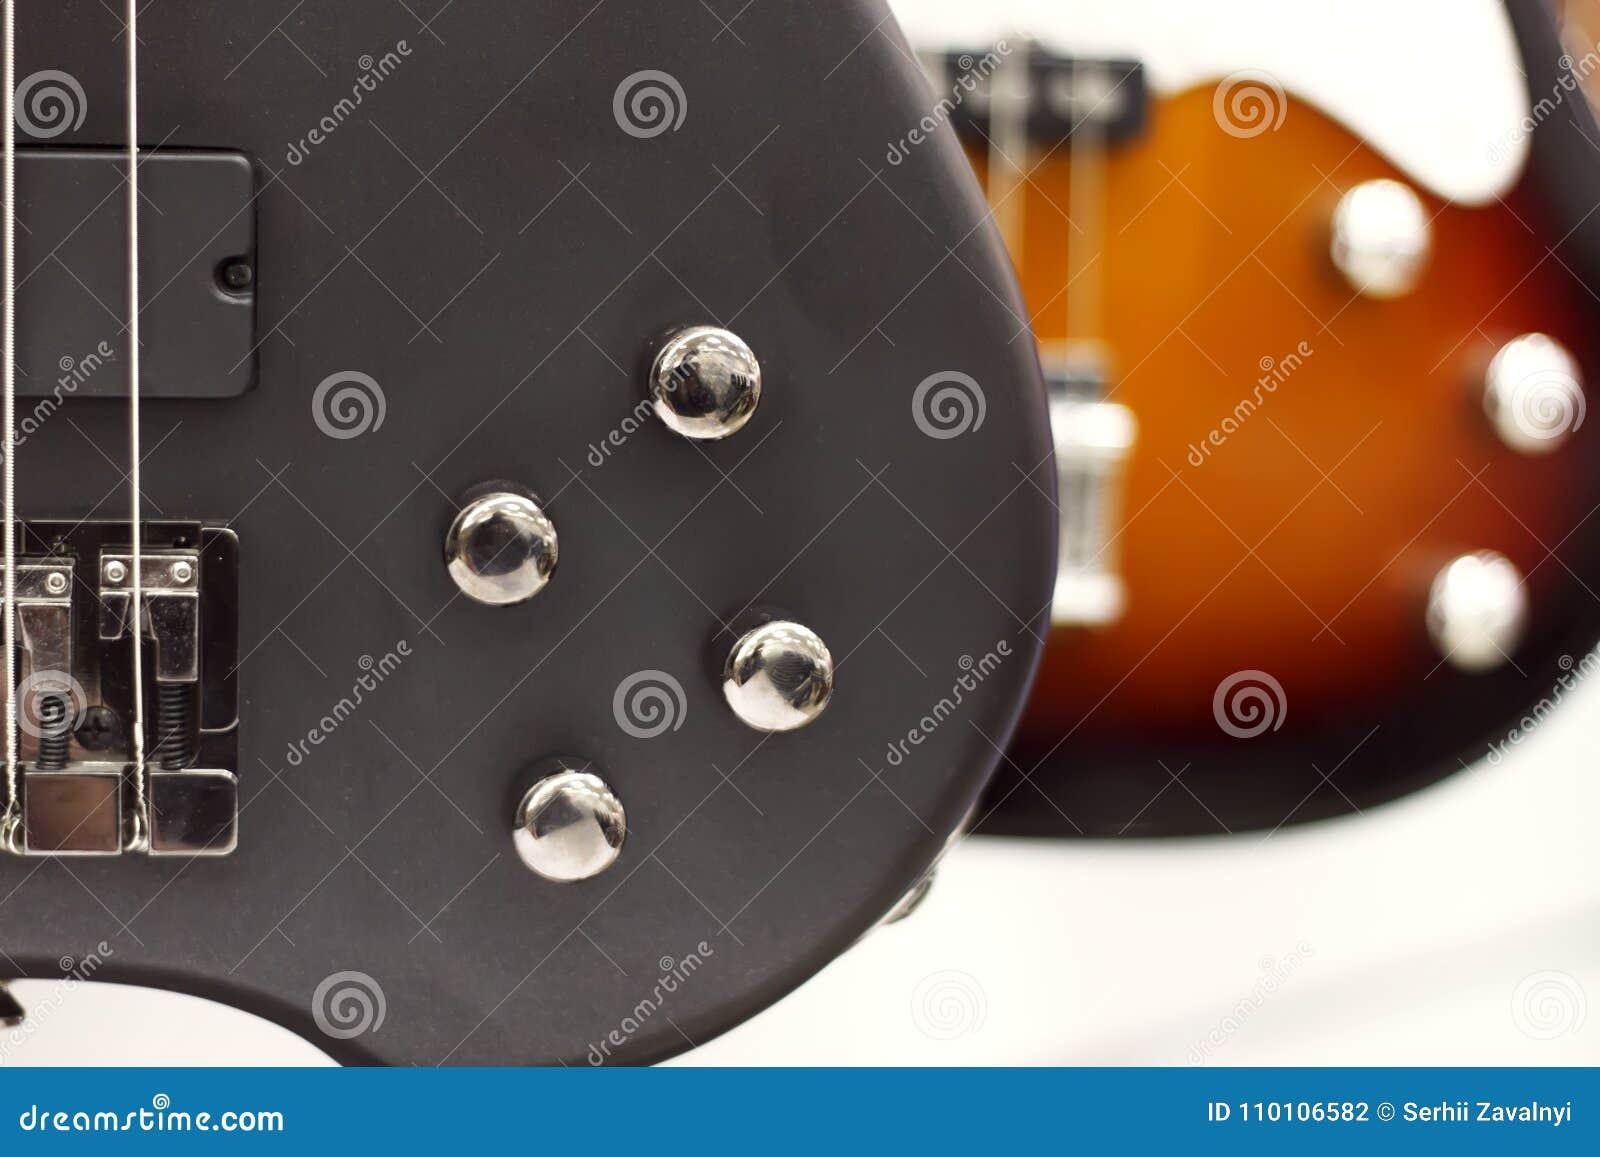 Close-up da guitarra elétrica com um foco macio da cor preta, controles de tom, volume